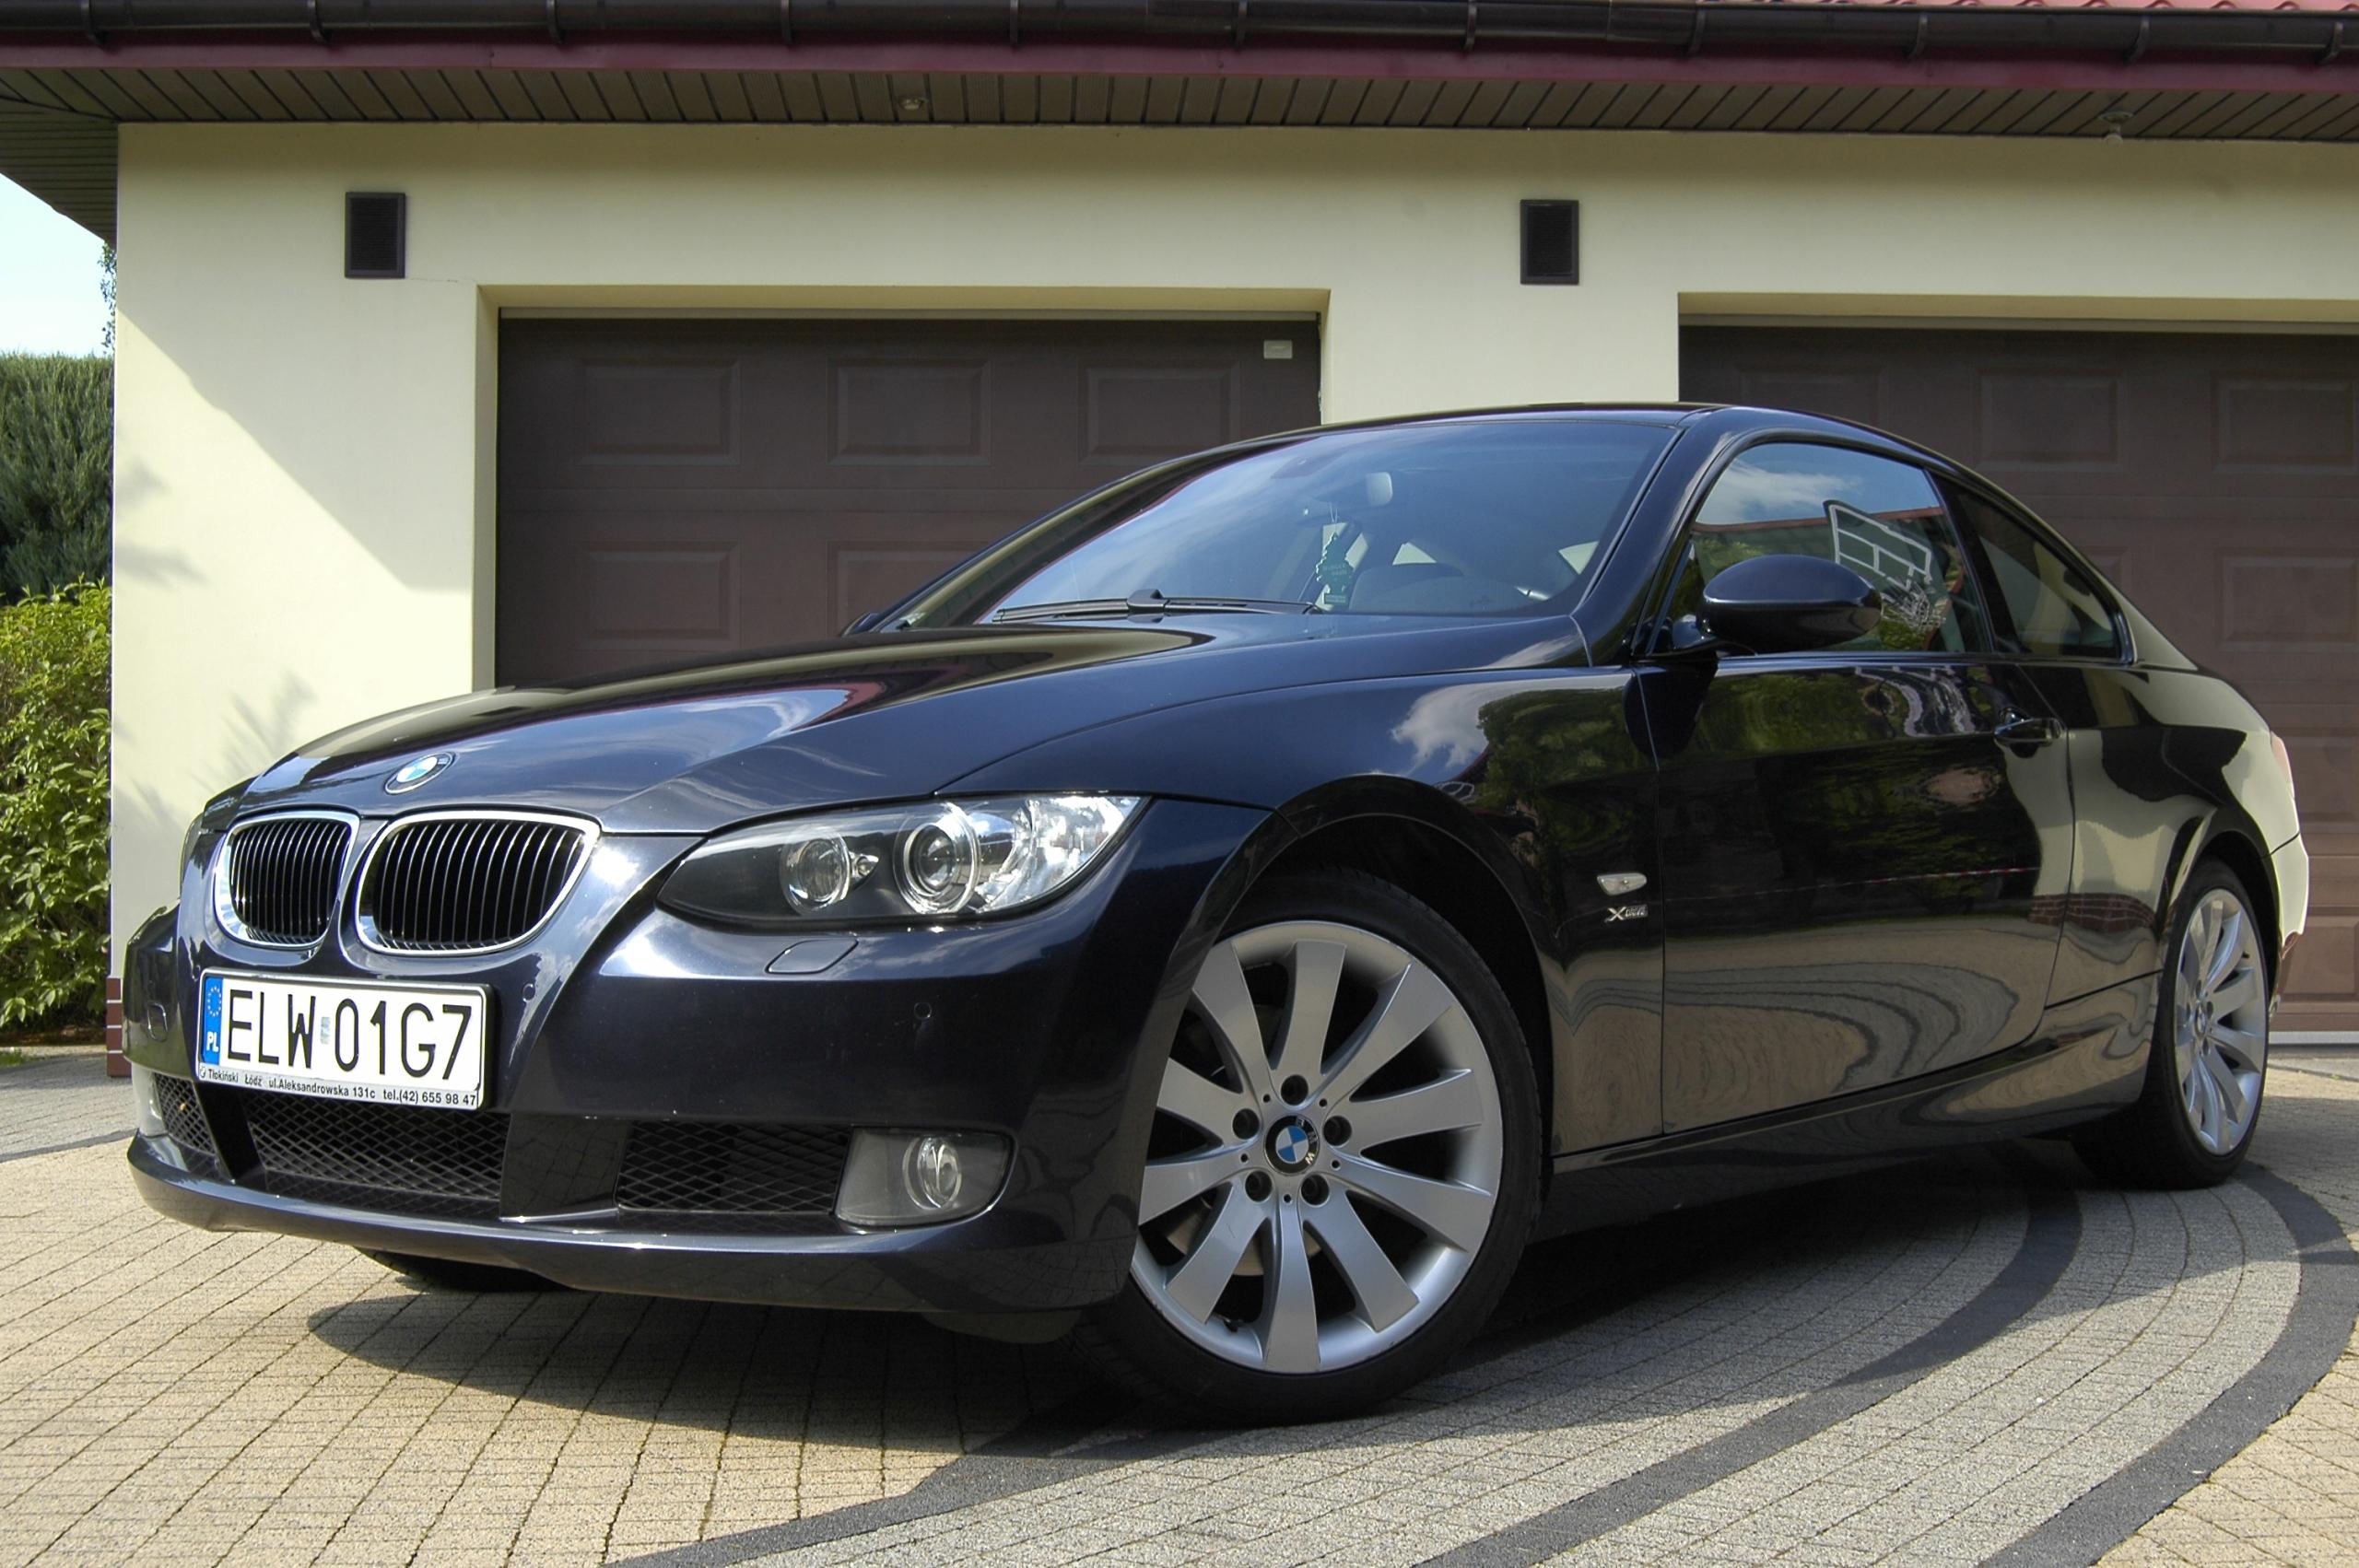 de9bc41ff BMW 320 D COUPE XDRIVE E92 - 7884533138 - oficjalne archiwum allegro